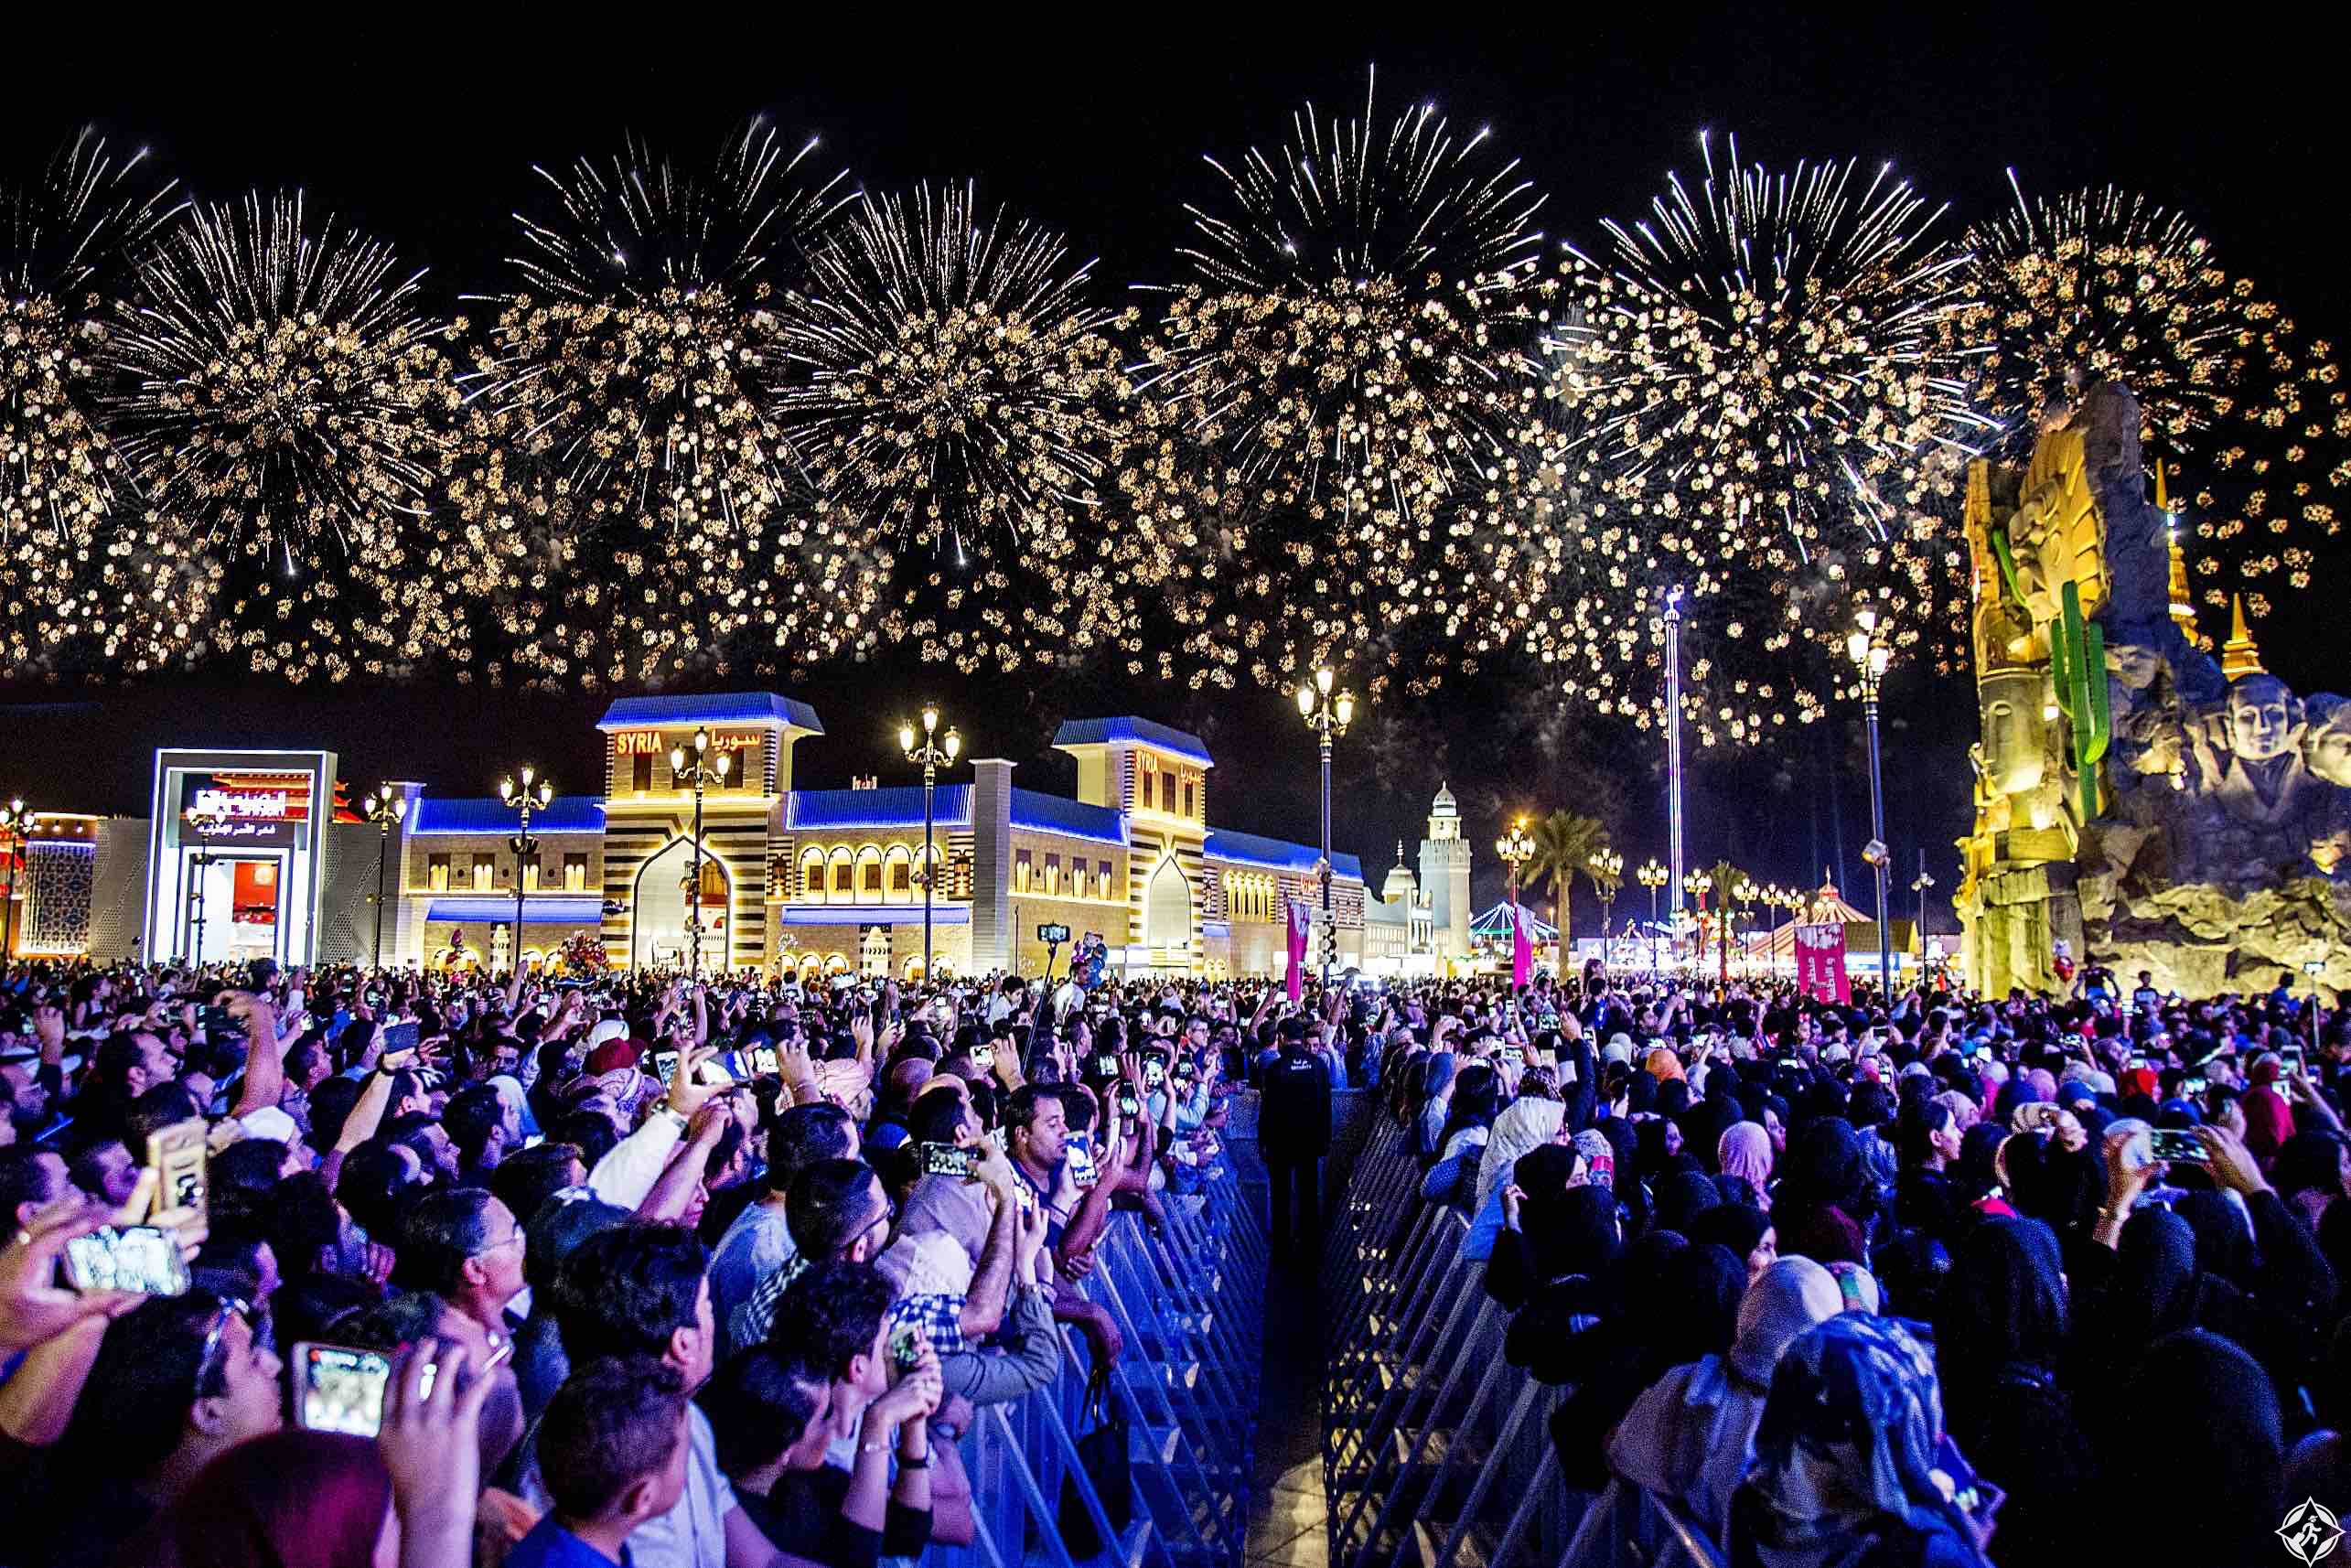 القرية العالمية احتفال رأس السنة